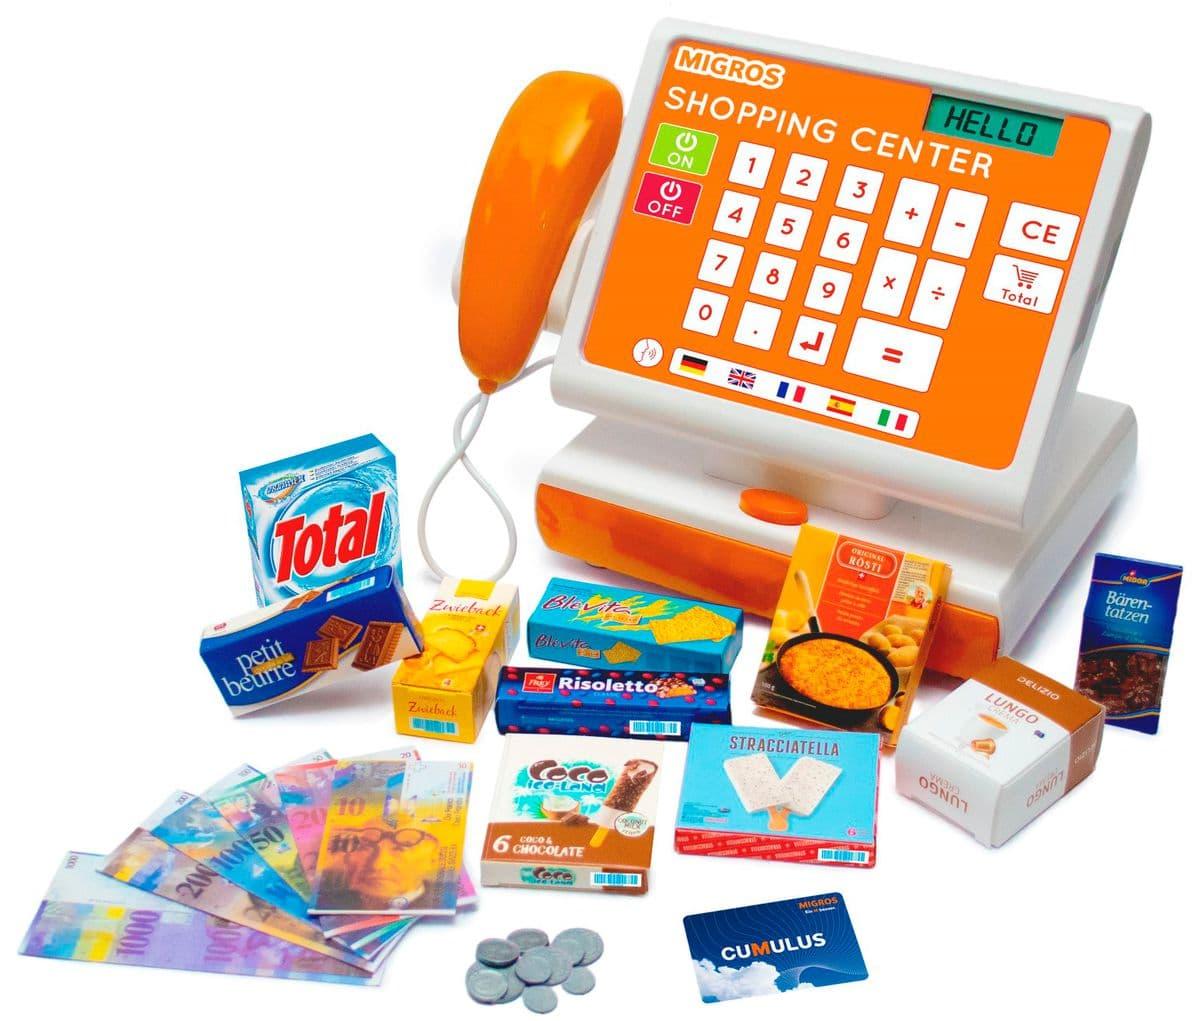 Caisse Migros avec scanner et mini-produits